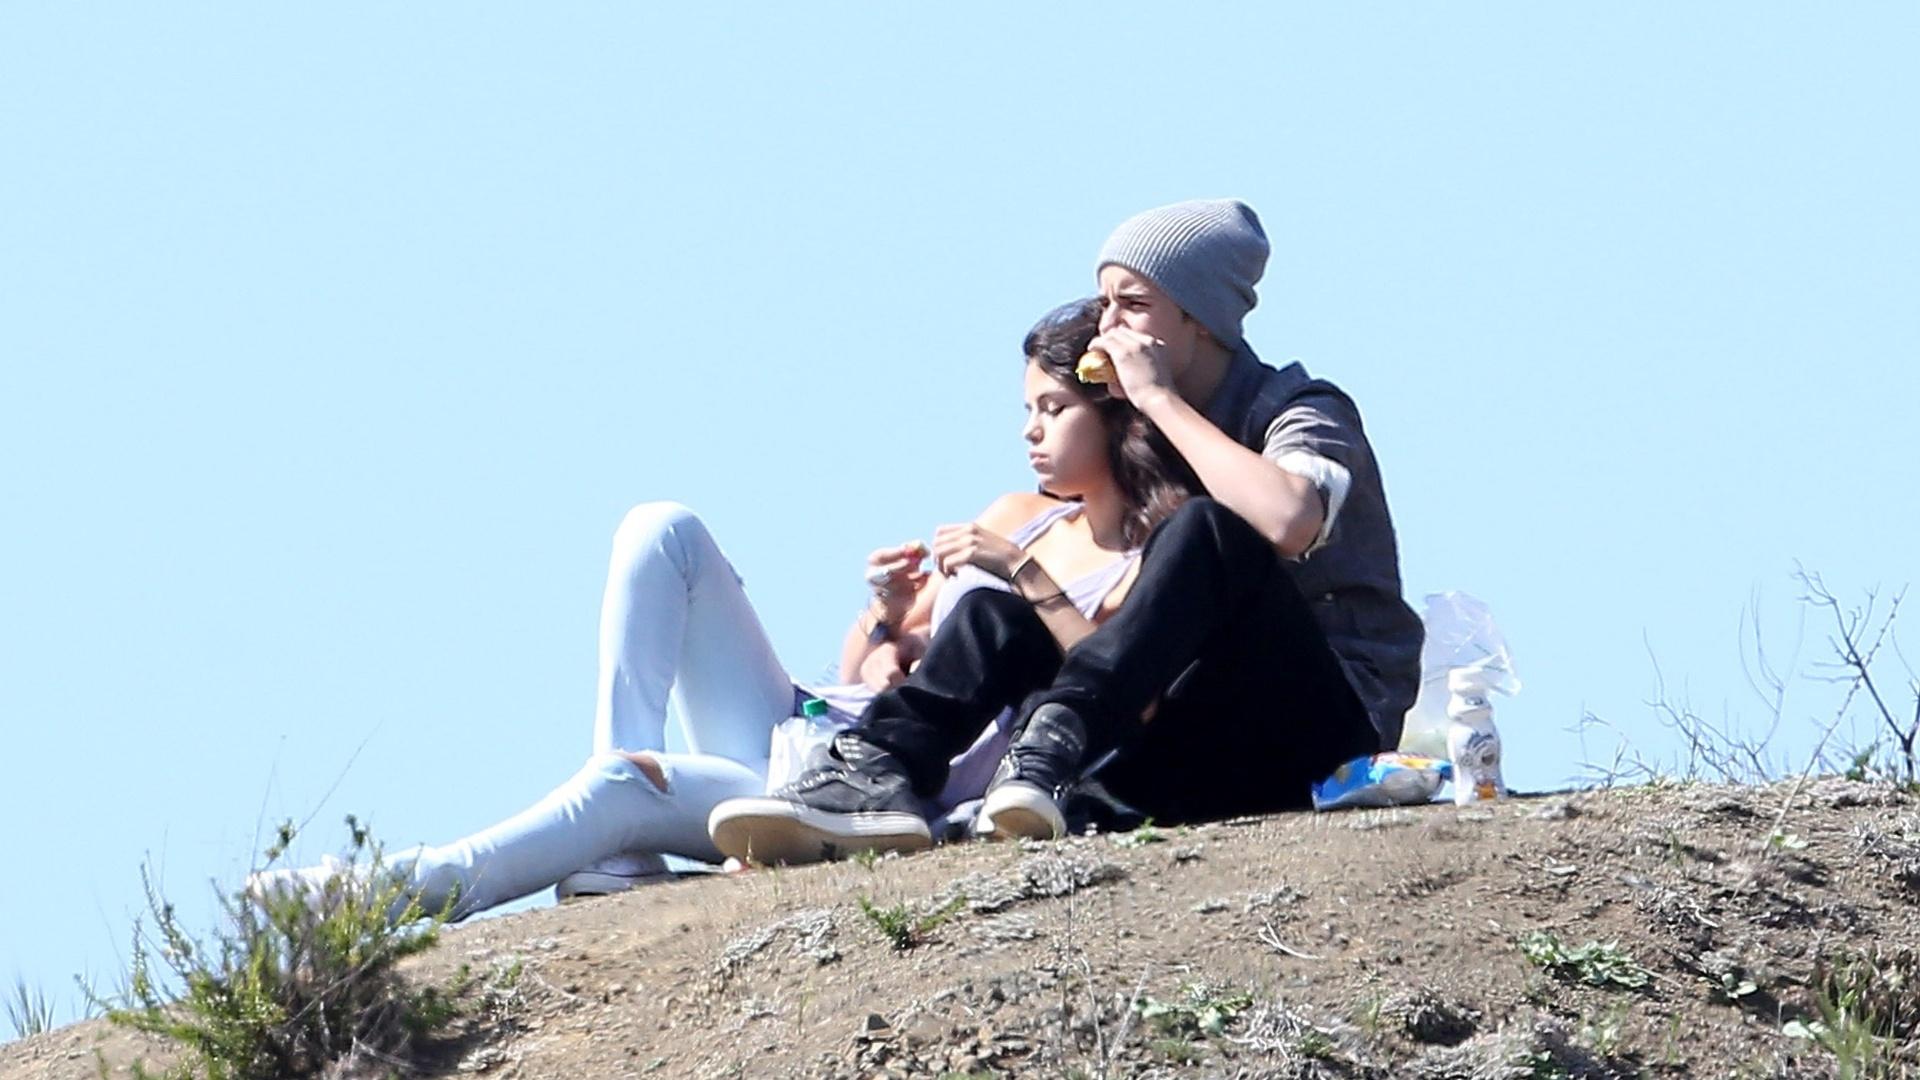 Justin Bieber e Selena Gomez fizeram um piquenique a dois em um parque de Los Angeles na tarde da última quarta-feira. O casal comeu alguns lanches e relaxarem sob alguns raios de sol (4/4/12)